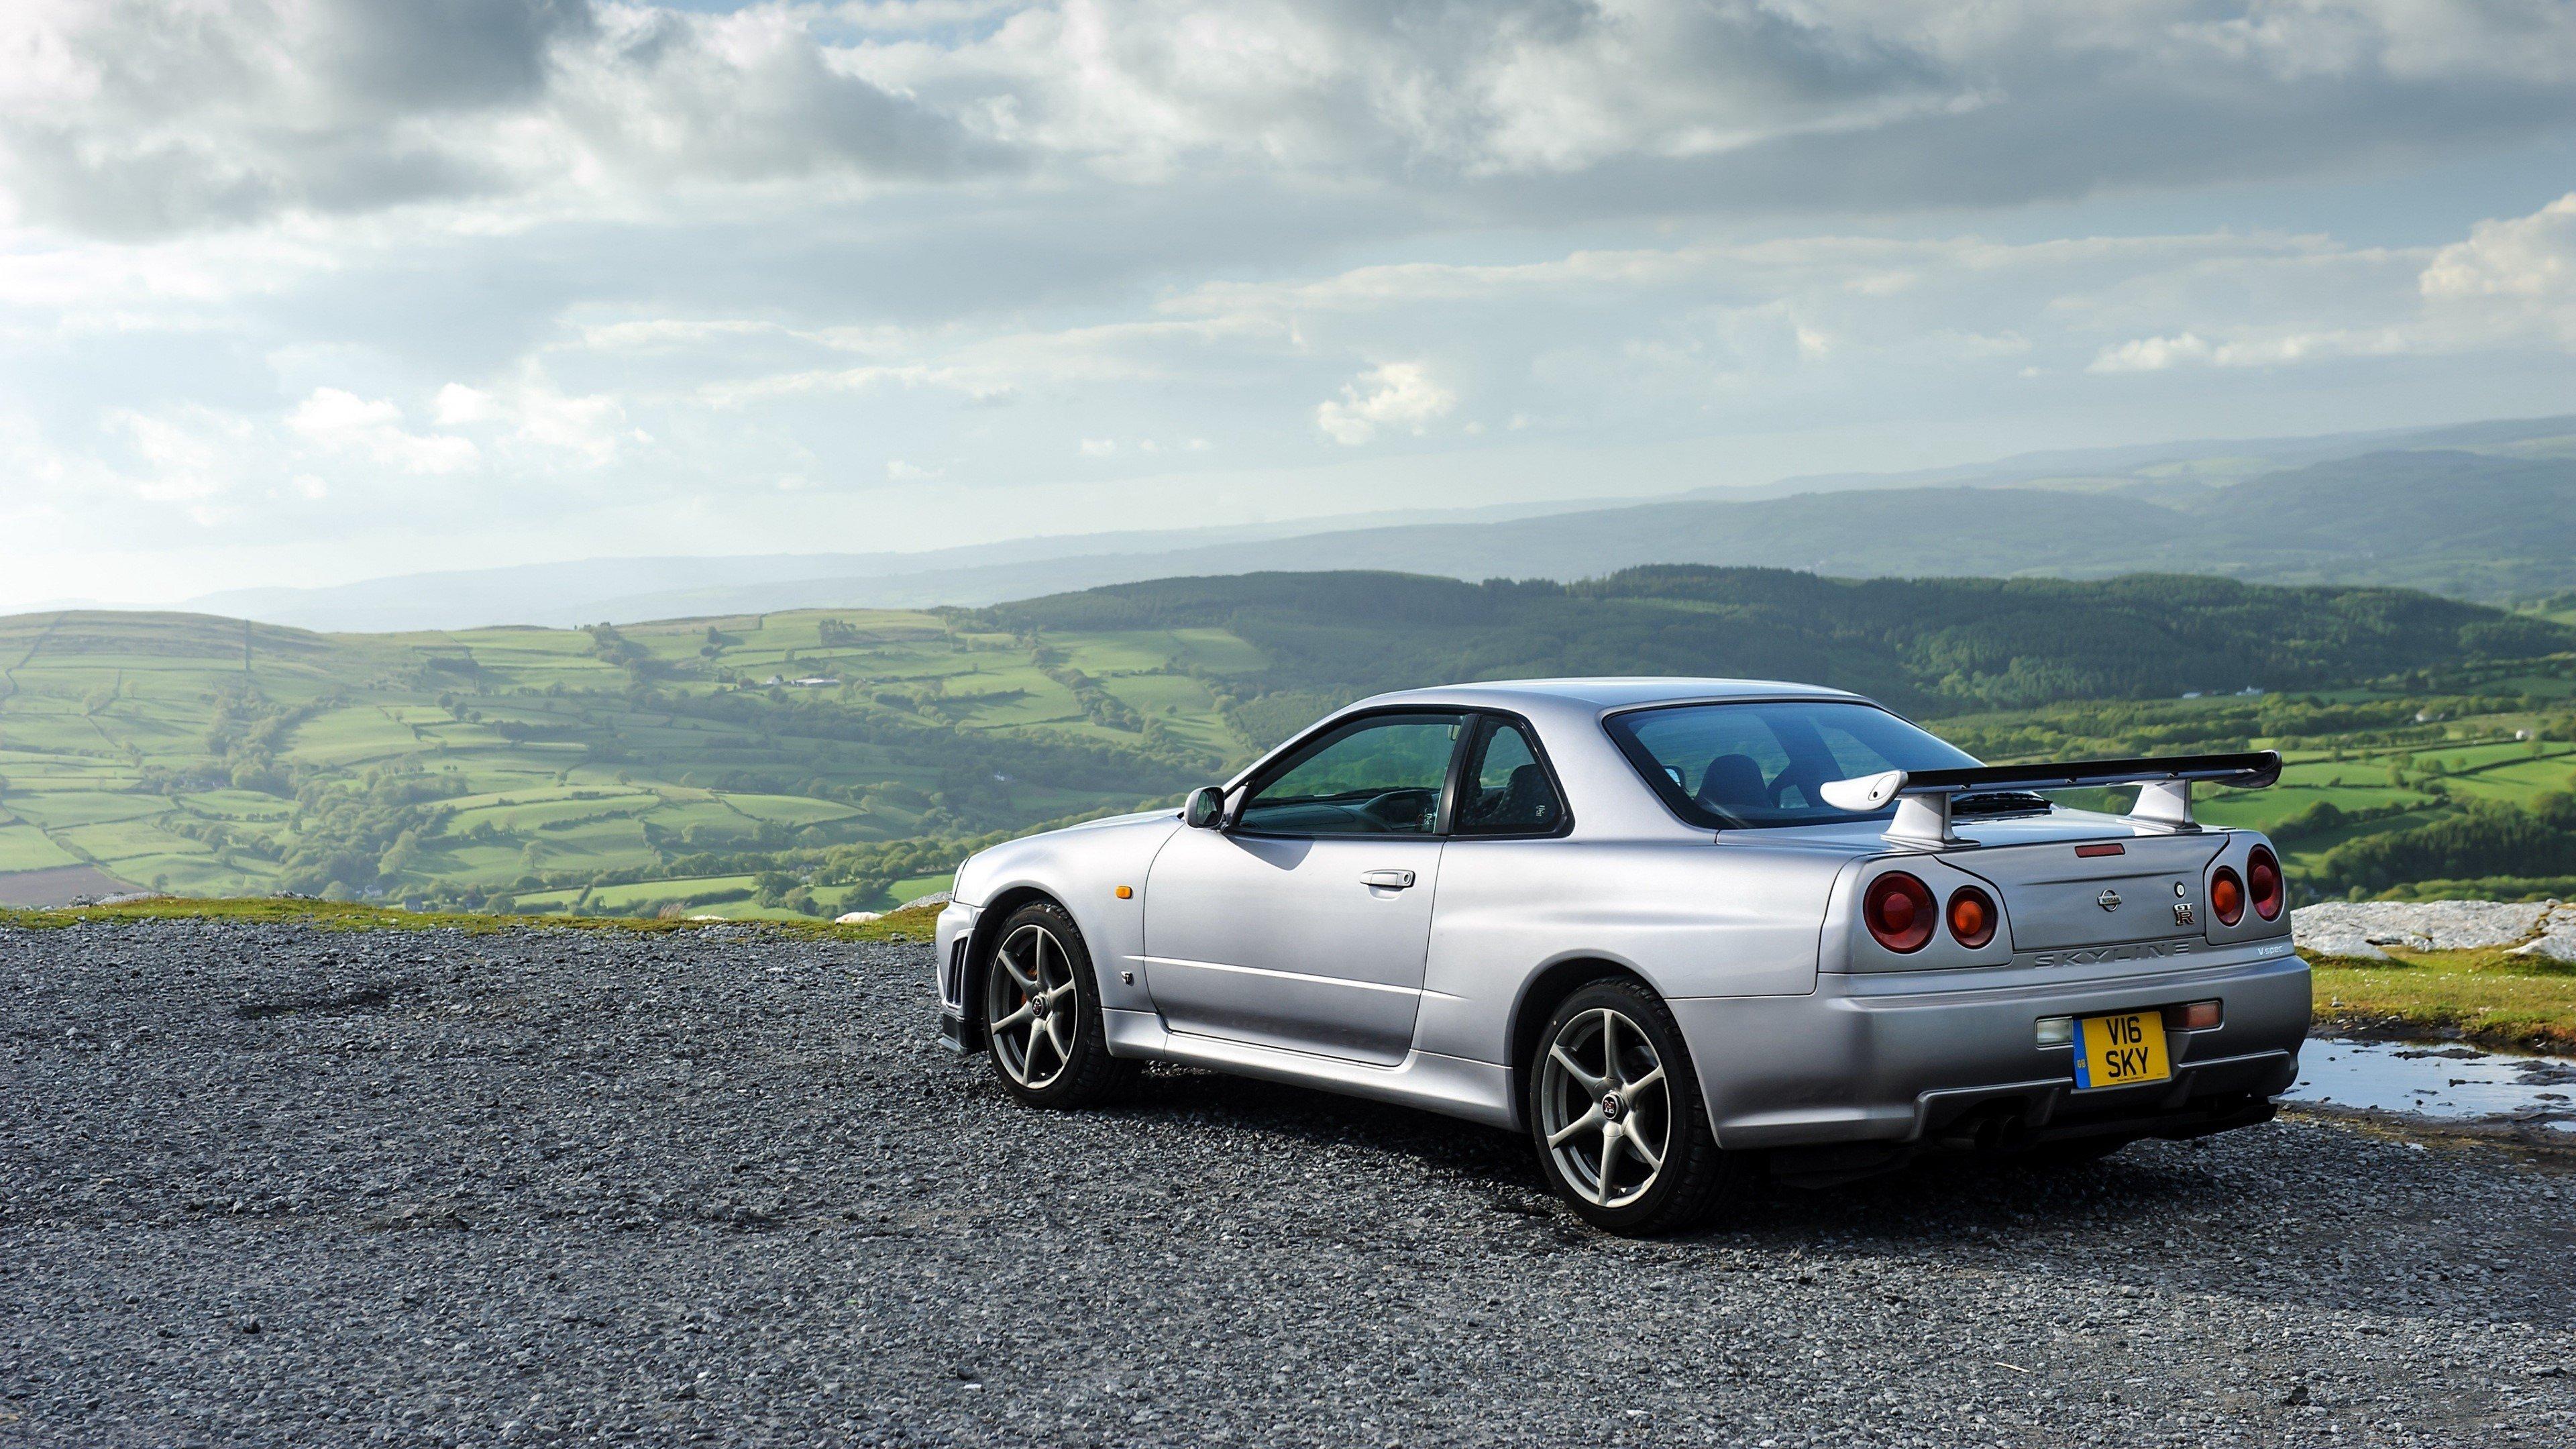 Wallpaper Nissan Skyline GT R gray side